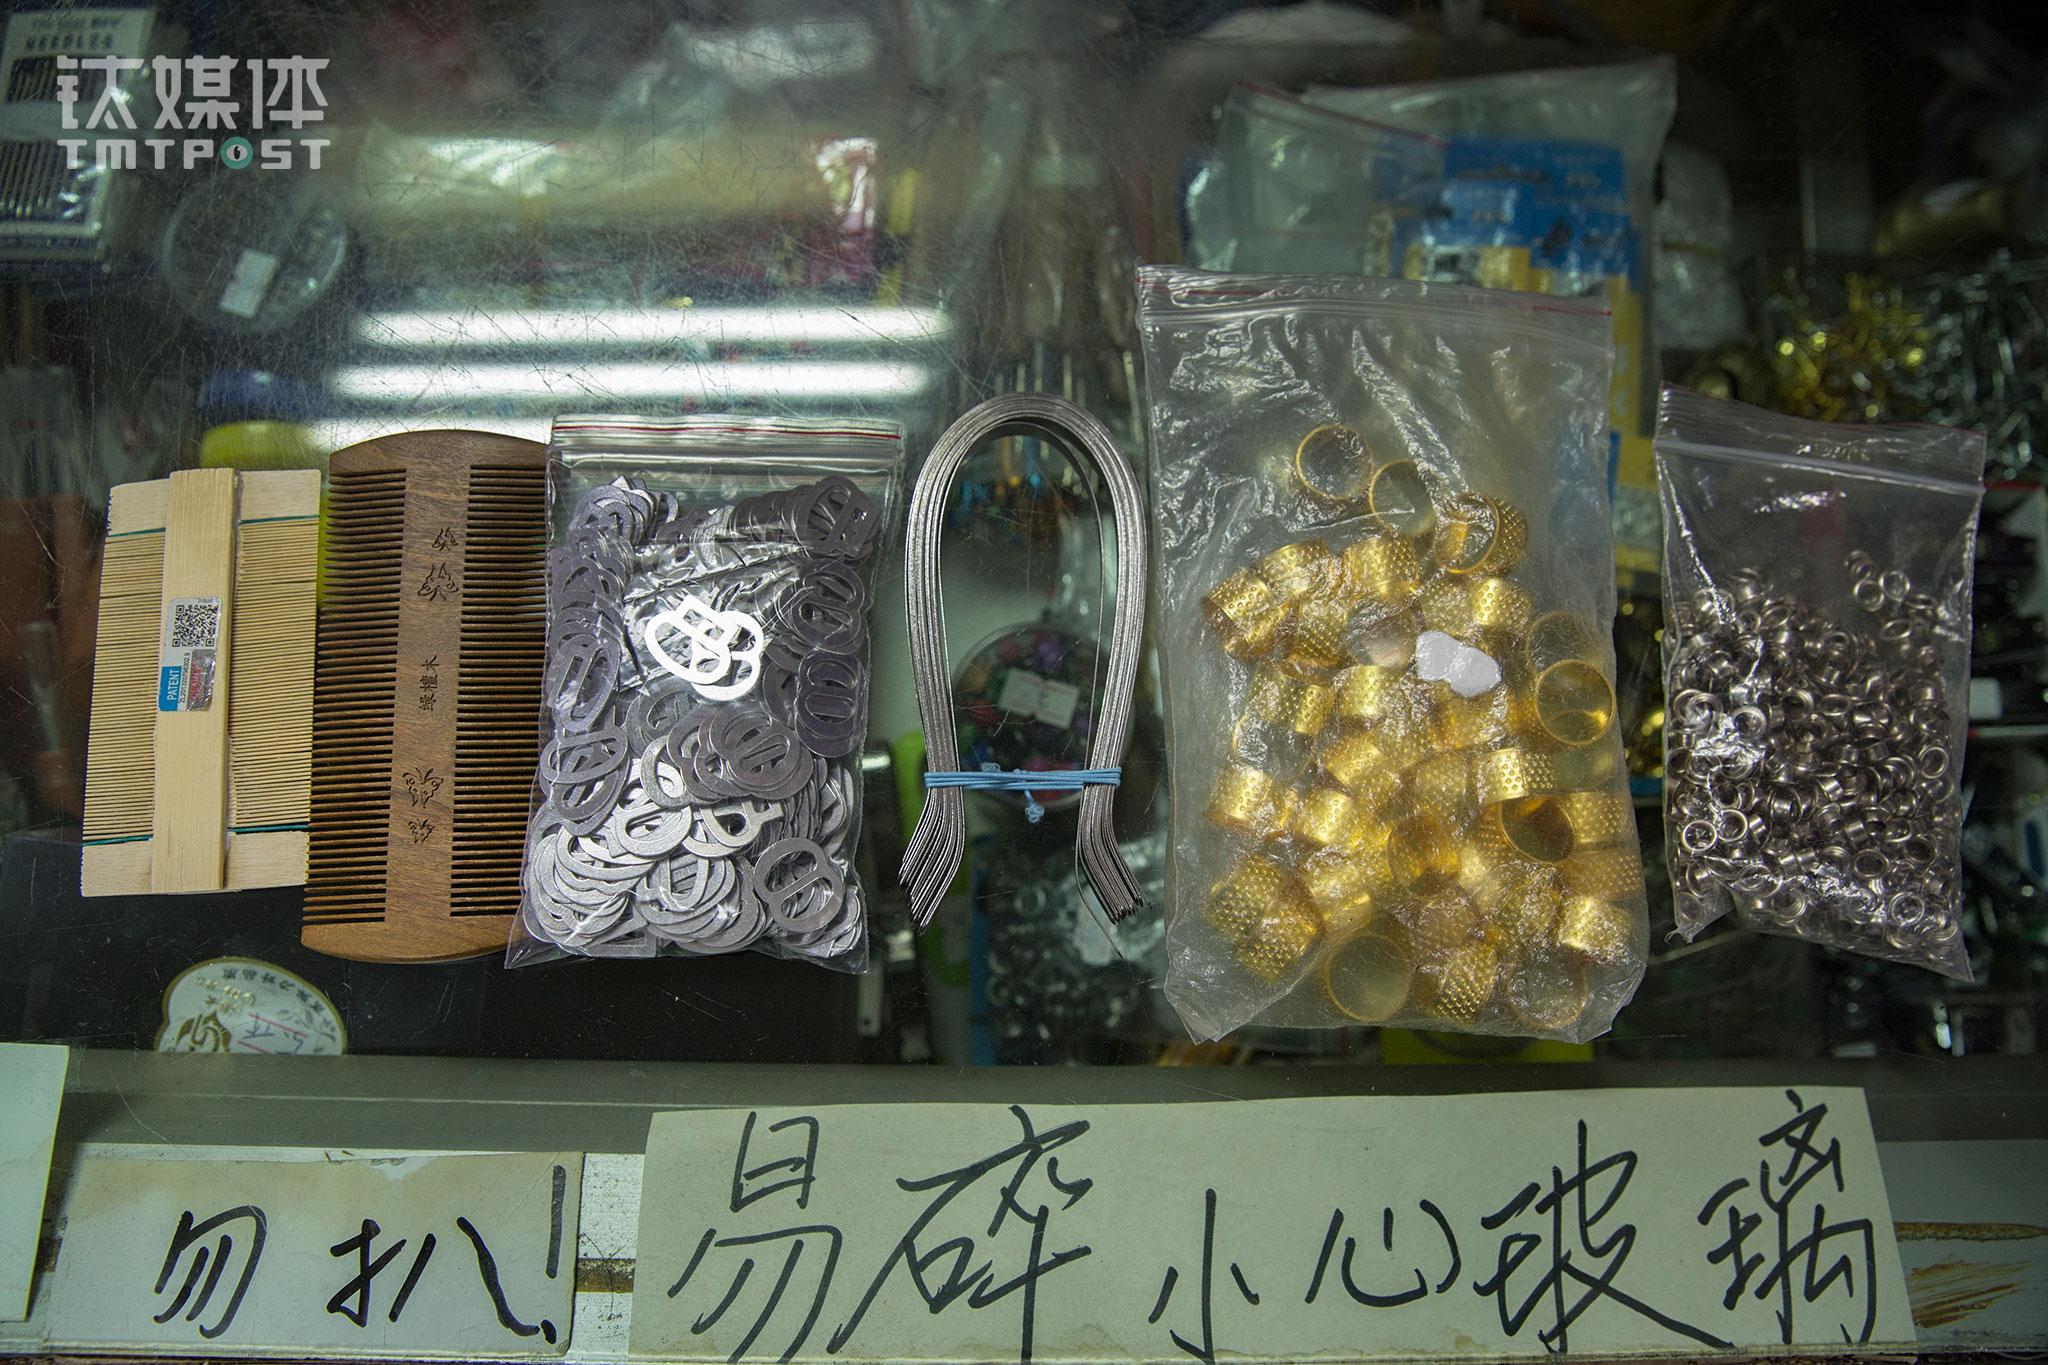 夏婧向钛媒体《在线》展示了小百货组极具代表性的小商品:篦子、鞋派、舌刮、顶针儿、气眼儿。这些现在看起来很陌生的小物件,曾经是老北京生活中不可少的东西。